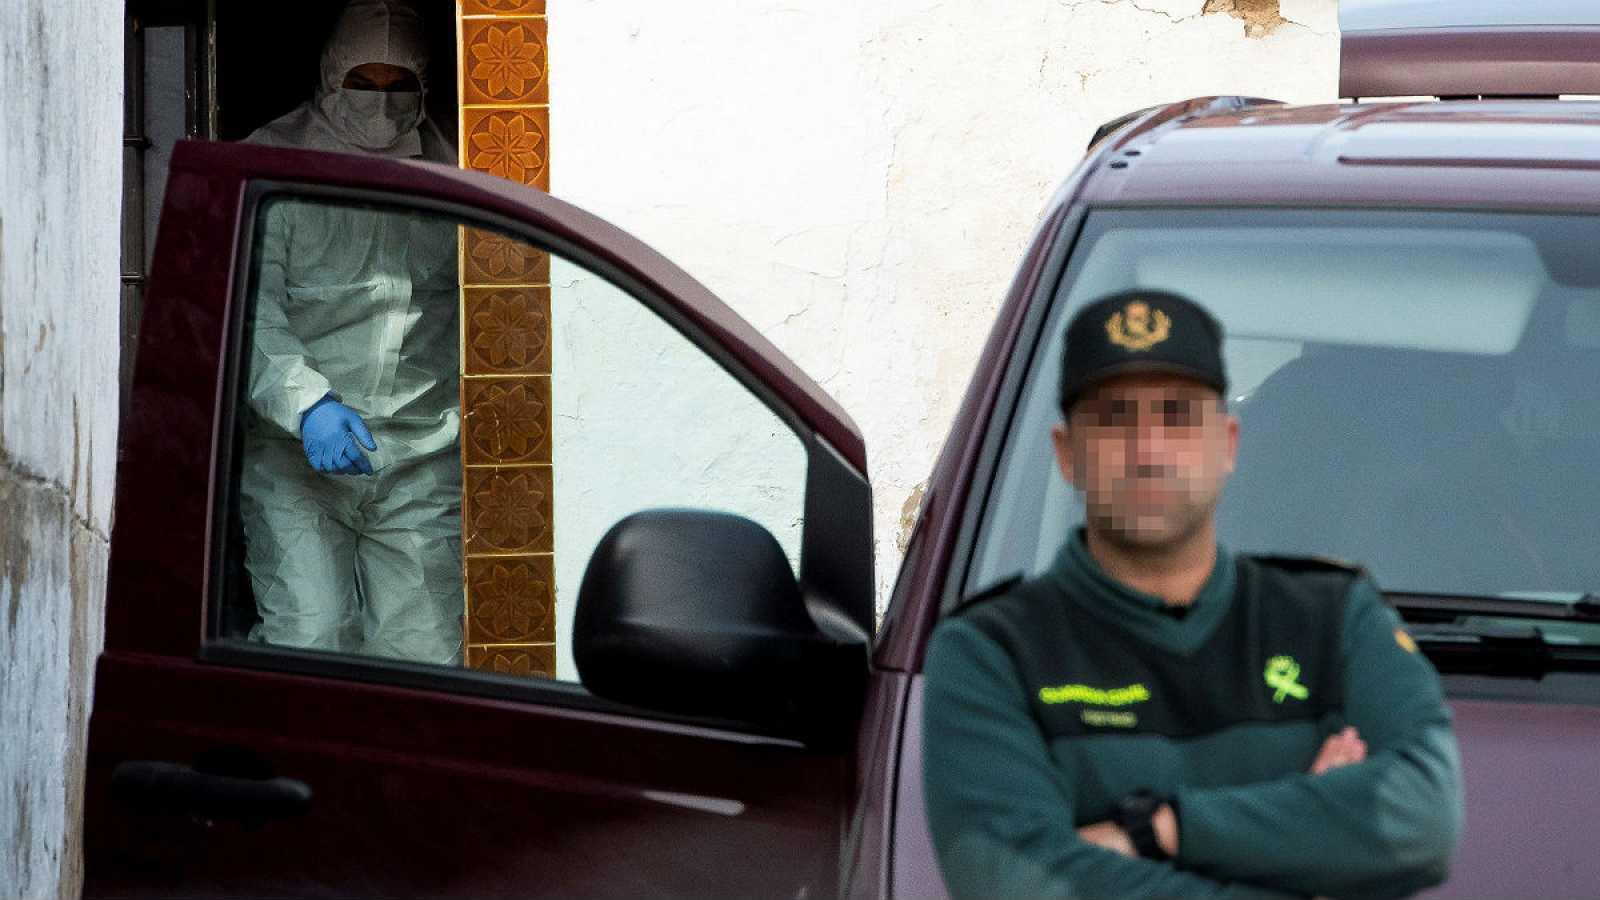 14 horas - El asesino de Laura Luelmo intentó eliminar pruebas que le incriminaban - Escuchar ahora